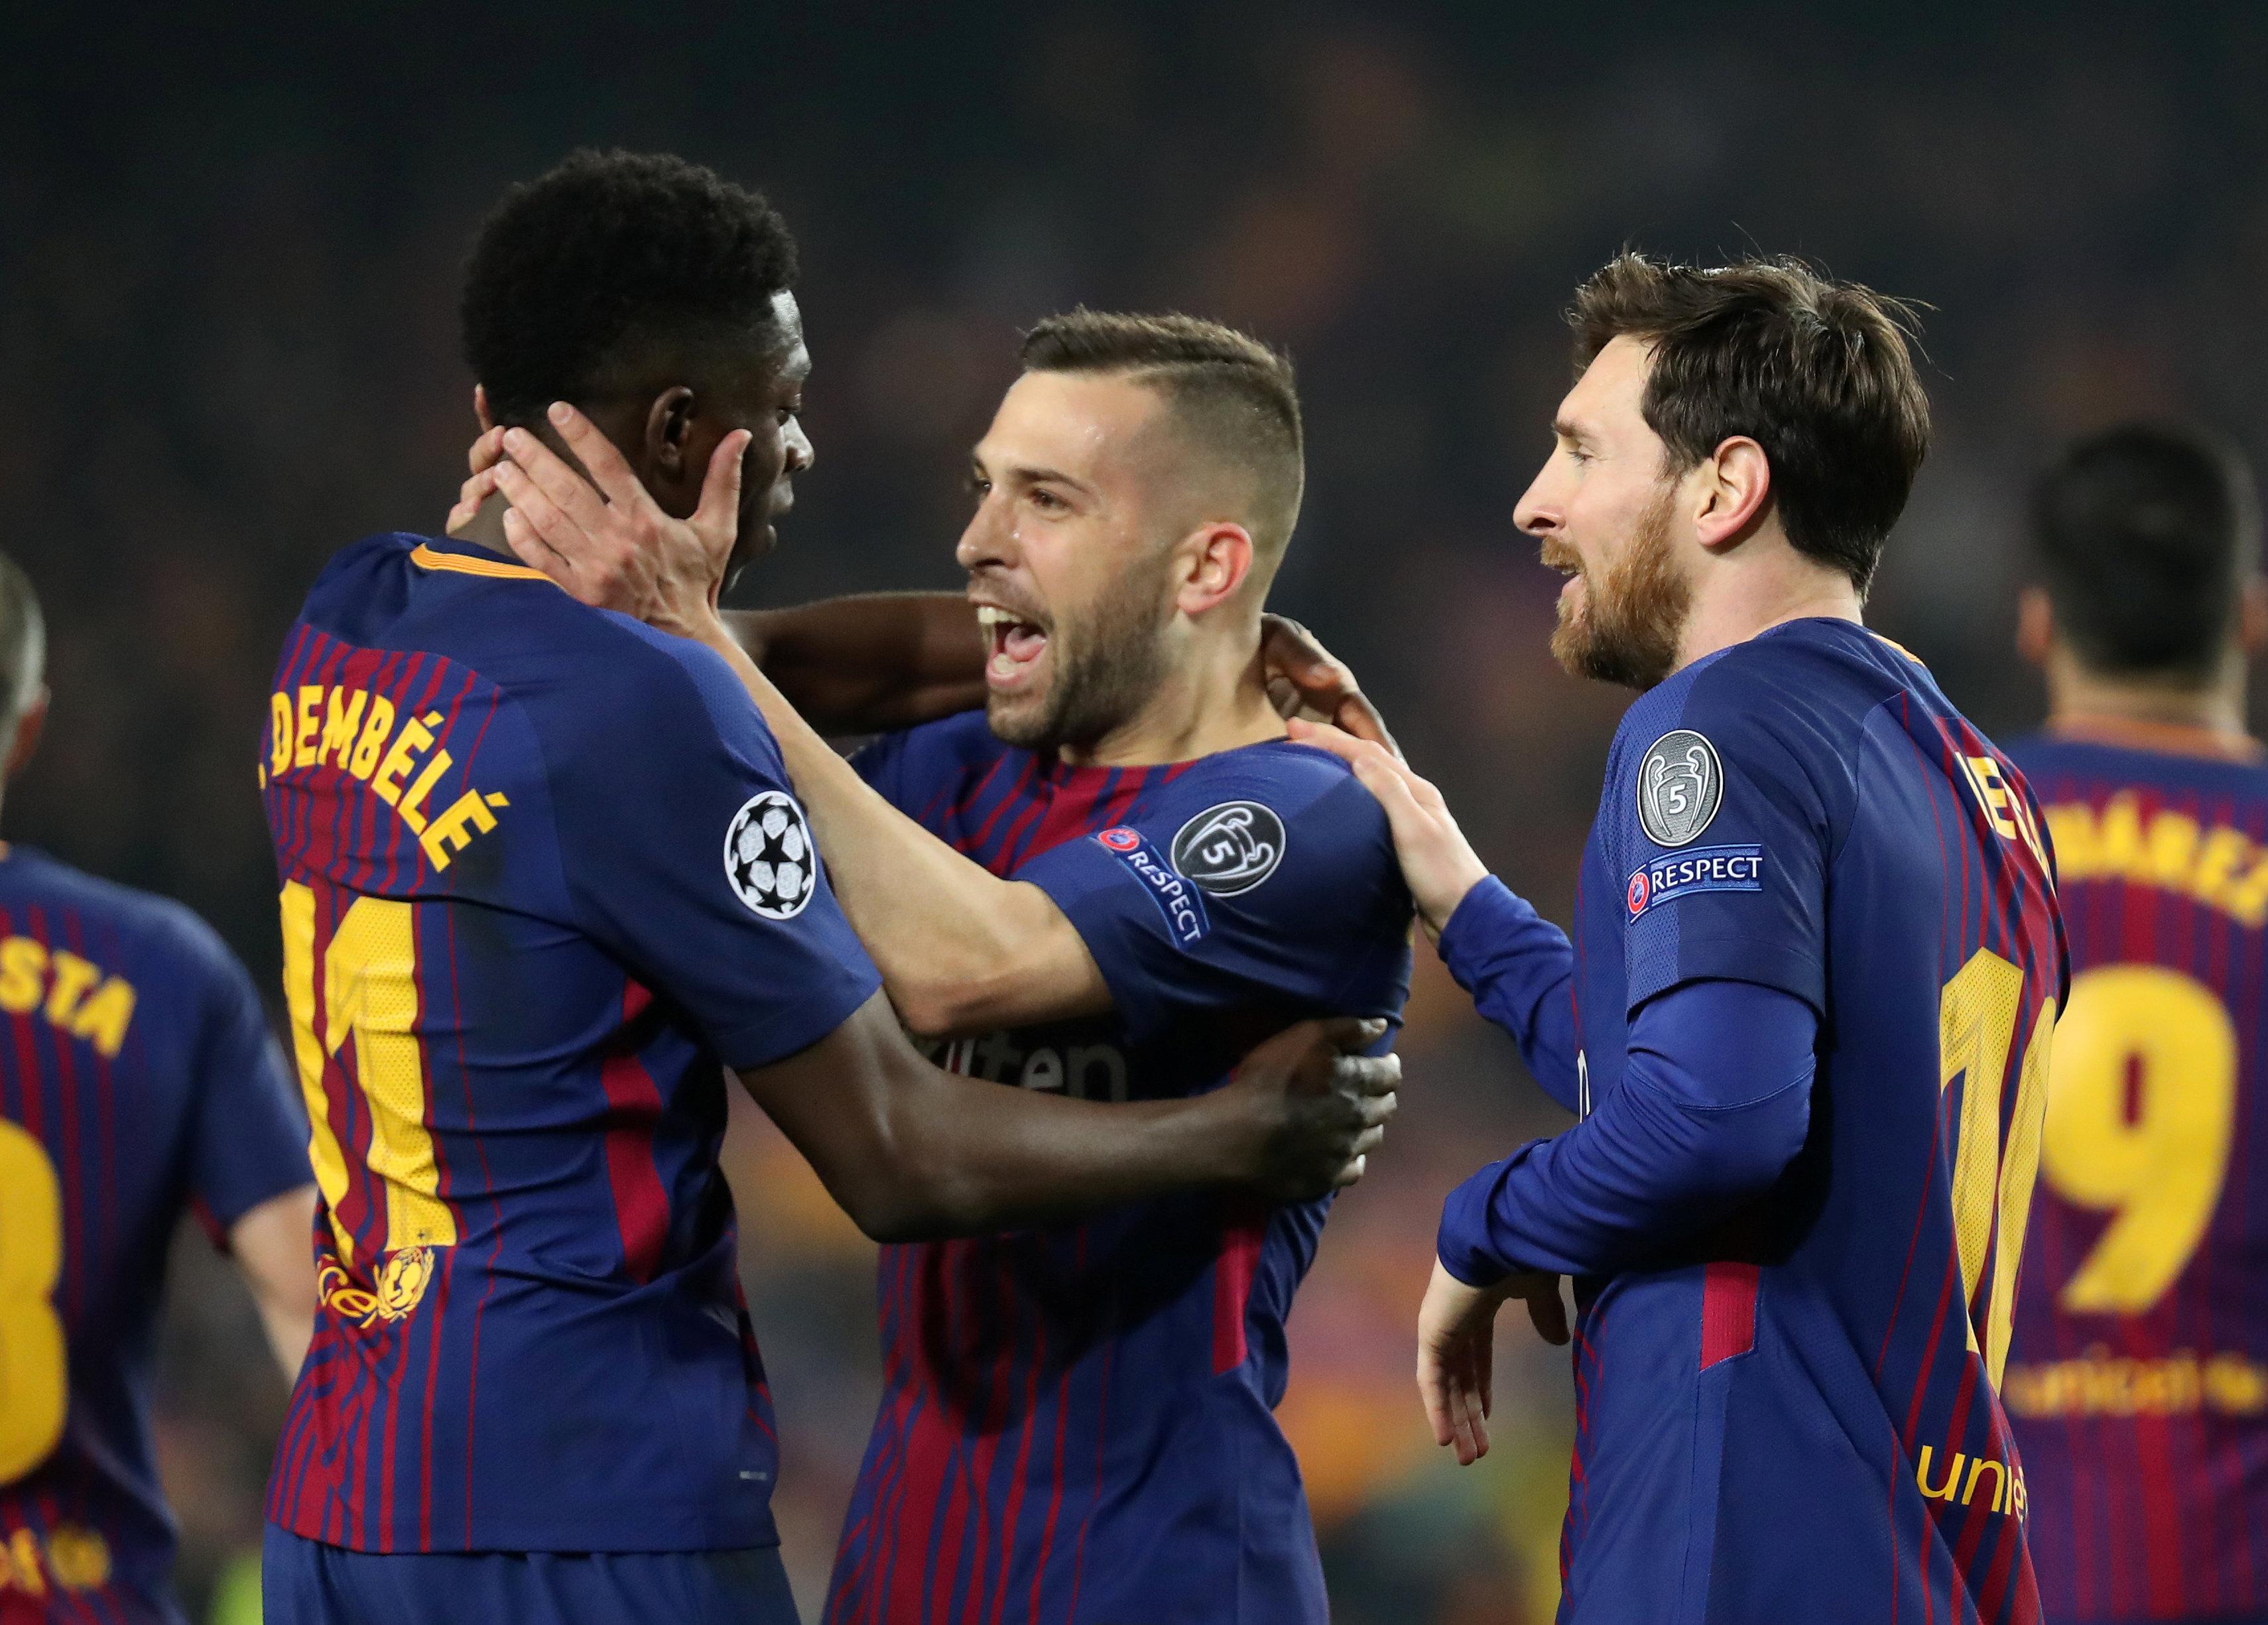 Niềm vui của các cầu thủ Barcelona sau khi Dembele (trái) nâng tỉ số lên 2-0. Ảnh: REUTERS